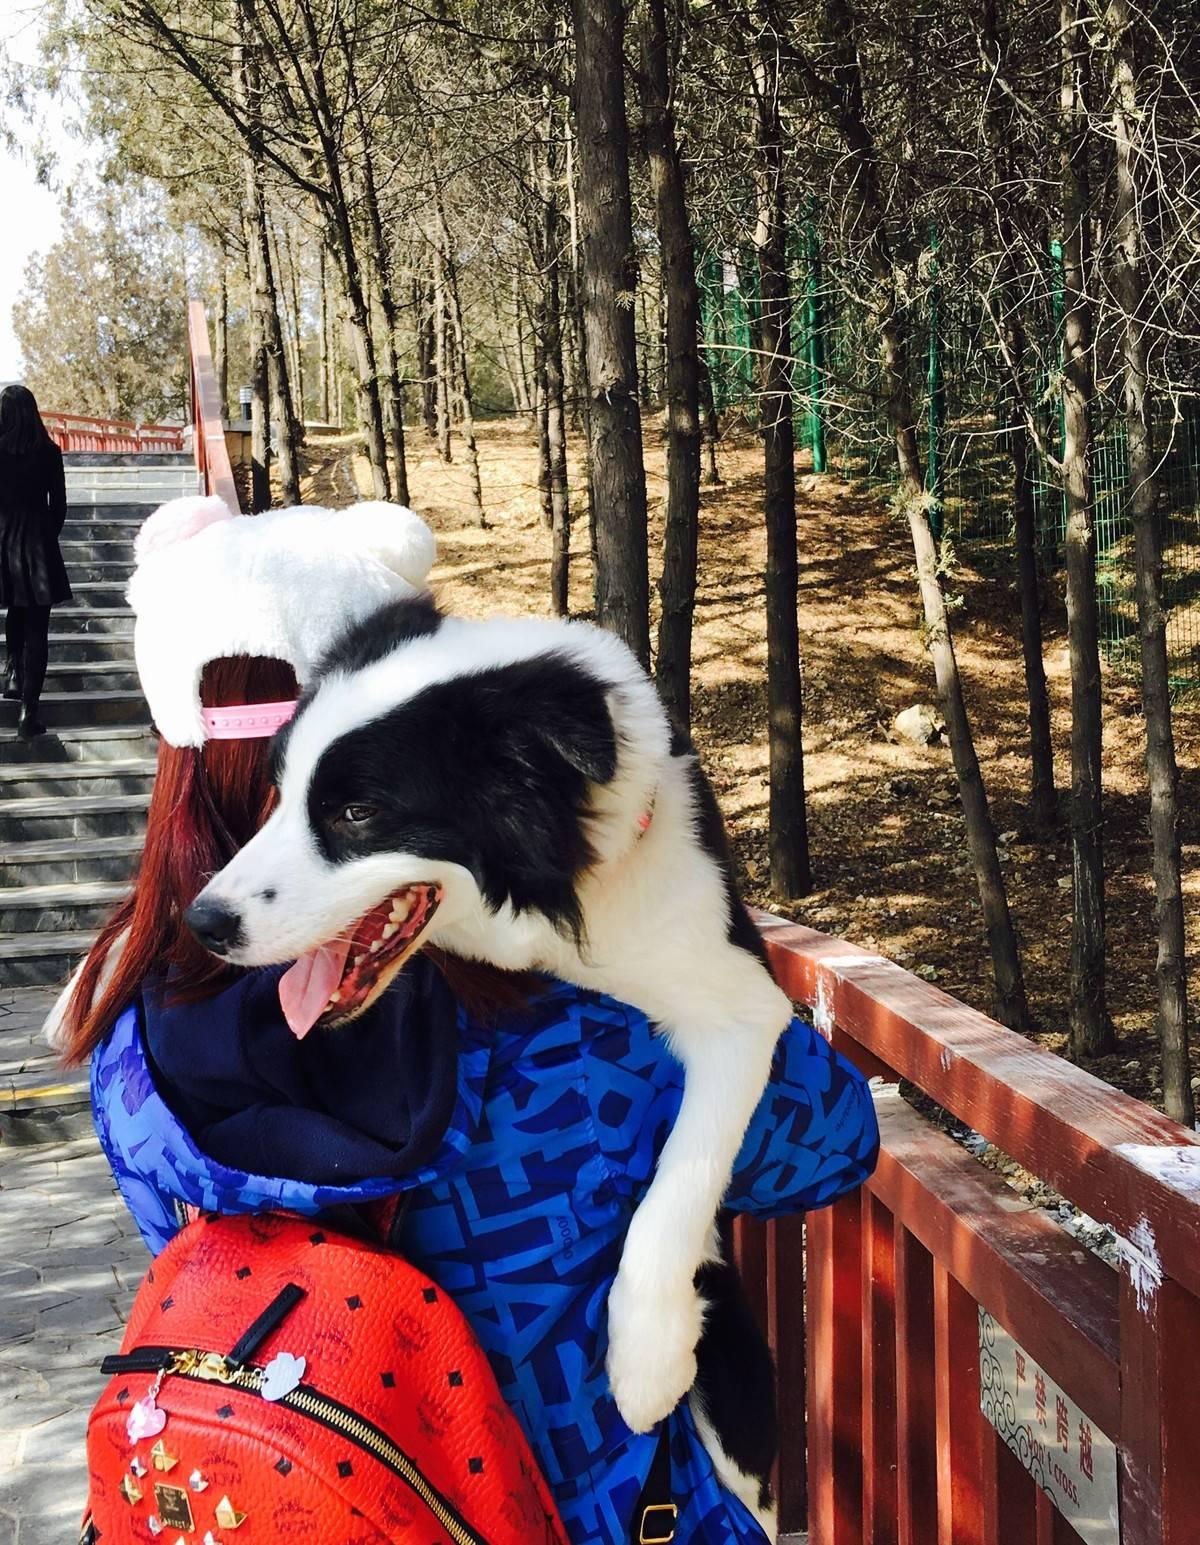 (幸福的边牧)母后说宝贝 天气好 我们去爬山吧⋯⋯我笑了 当然没问题⋯⋯因为我全程不用爬山的⋯⋯我有办法让母后抱着我爬看我爪子那么白⋯⋯你懂的